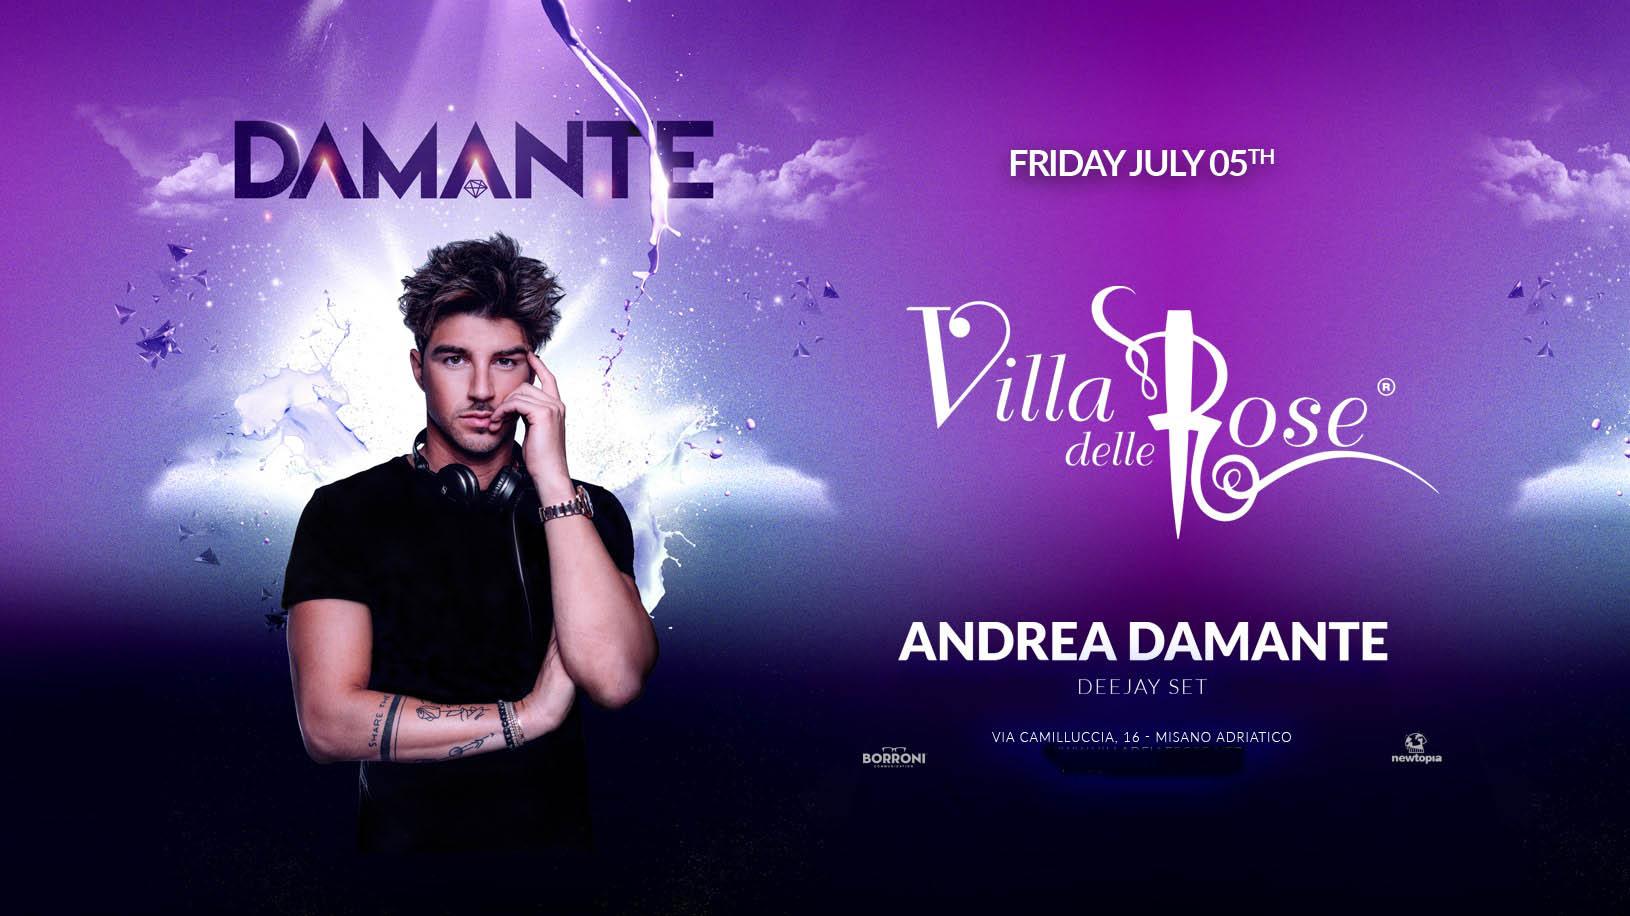 Andrea Damante  Villa Delle Rose Notte Rosa – Venerdì 5 Luglio 2019 – Ticket – Biglietti 18app – Tavoli e  Pacchetti Hotel